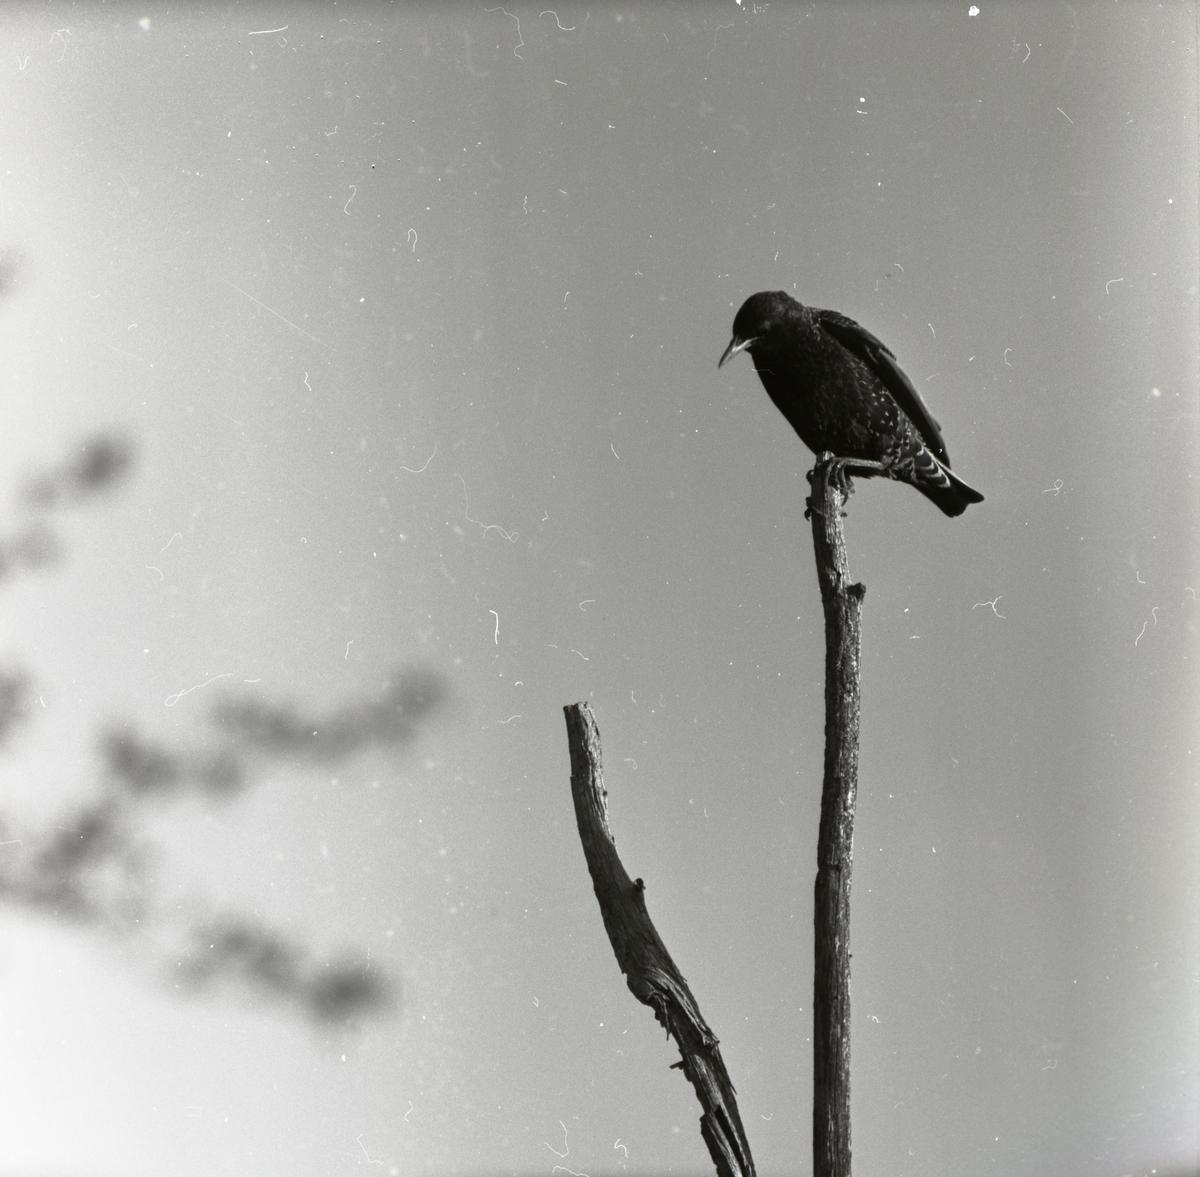 En stare sitter i toppen på en hagstör, juni 1957.